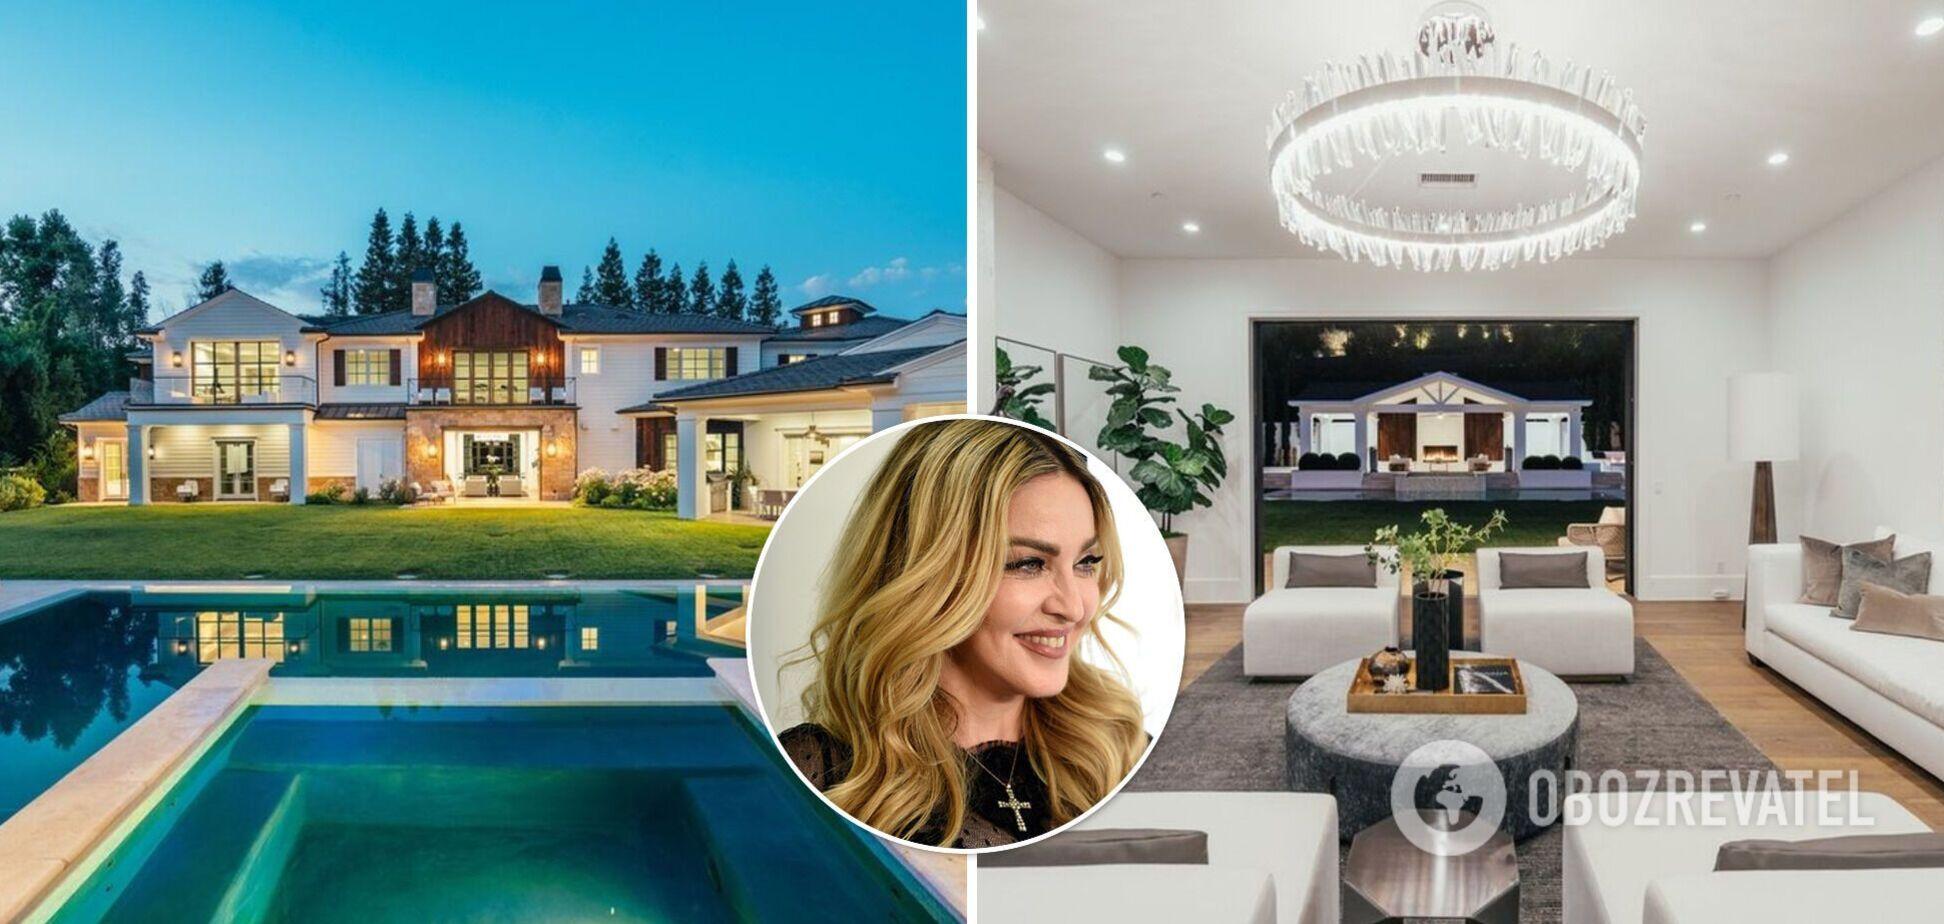 Мадонна купила особняк у певца The Weeknd за $19,3 млн. Фото